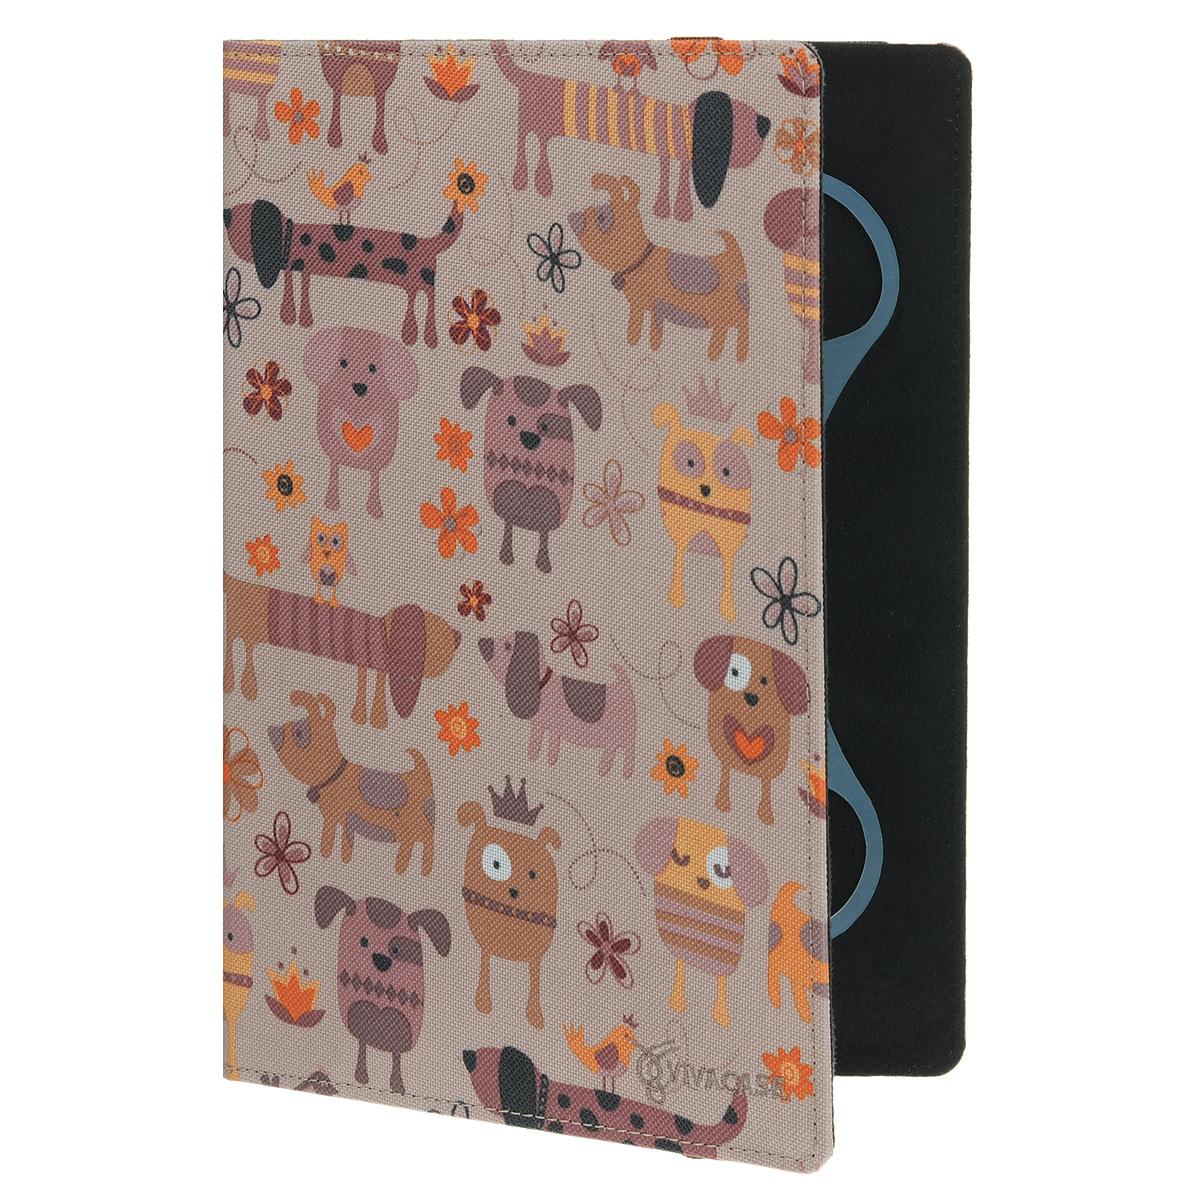 все цены на Vivacase Doggy чехол для планшетов 10